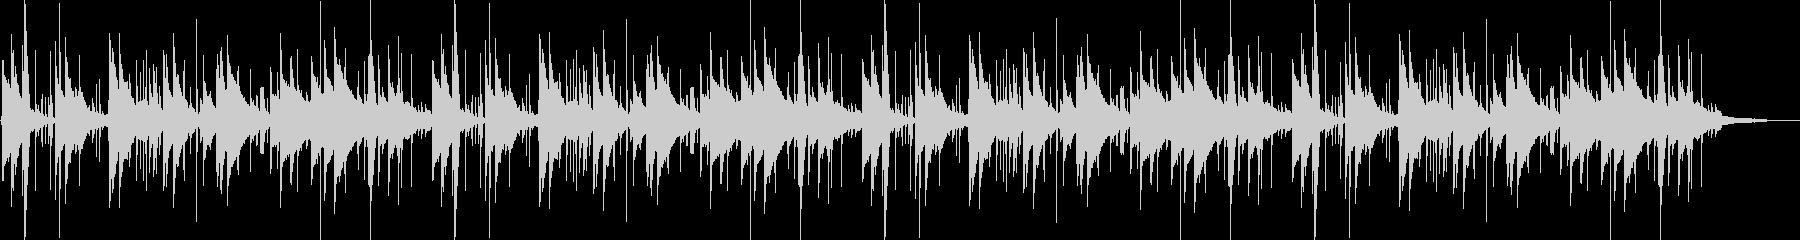 鉄琴とアコギの近代的なポップスの未再生の波形